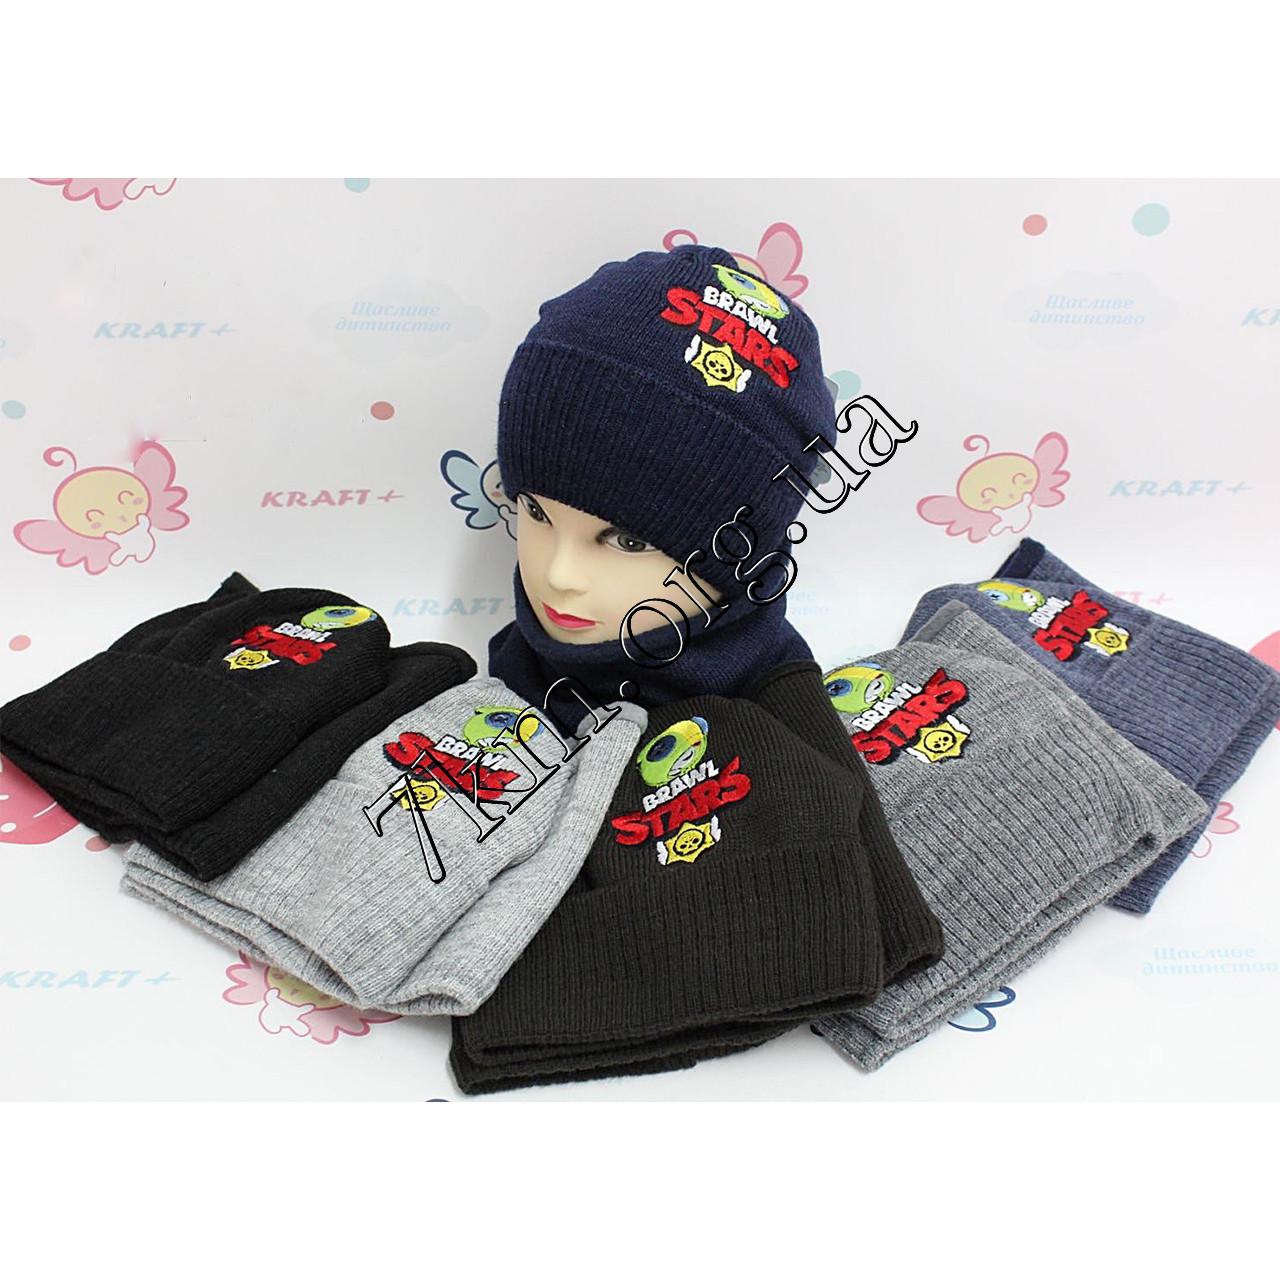 Набор детский вязаный шапка +флис и хомут для мальчиков 52-54 р. Украина Оптом 2426-K